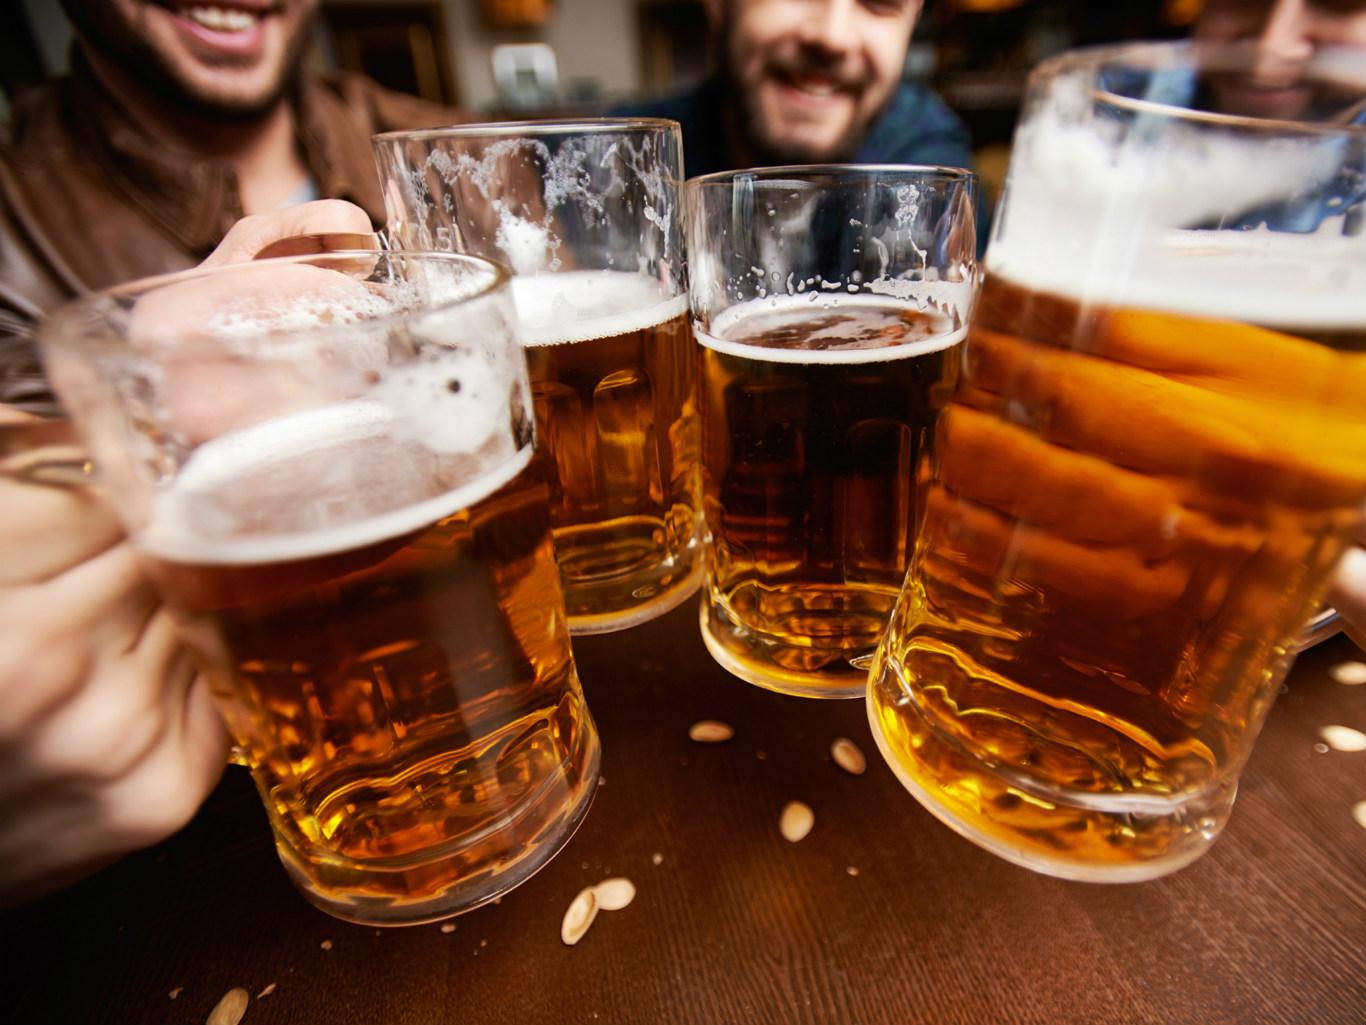 обнуляет ли пиво результат тренировки